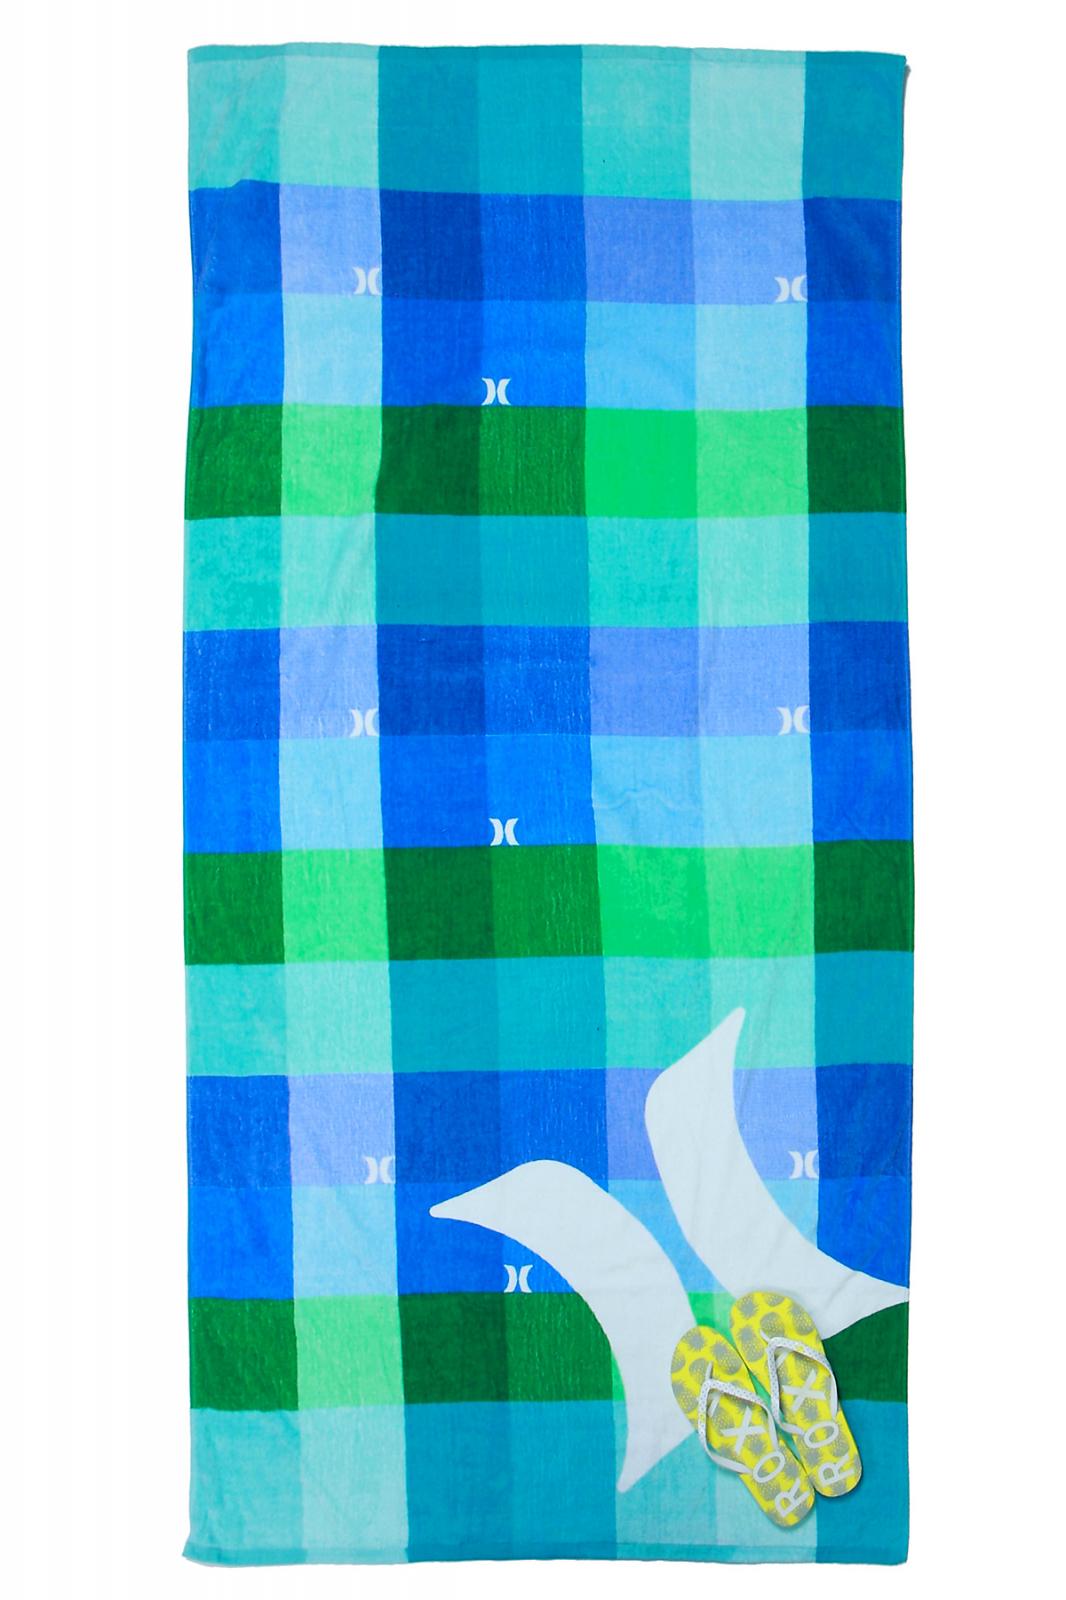 Пляжные полотенца Hurley оптом и в розницу выгодно и быстро